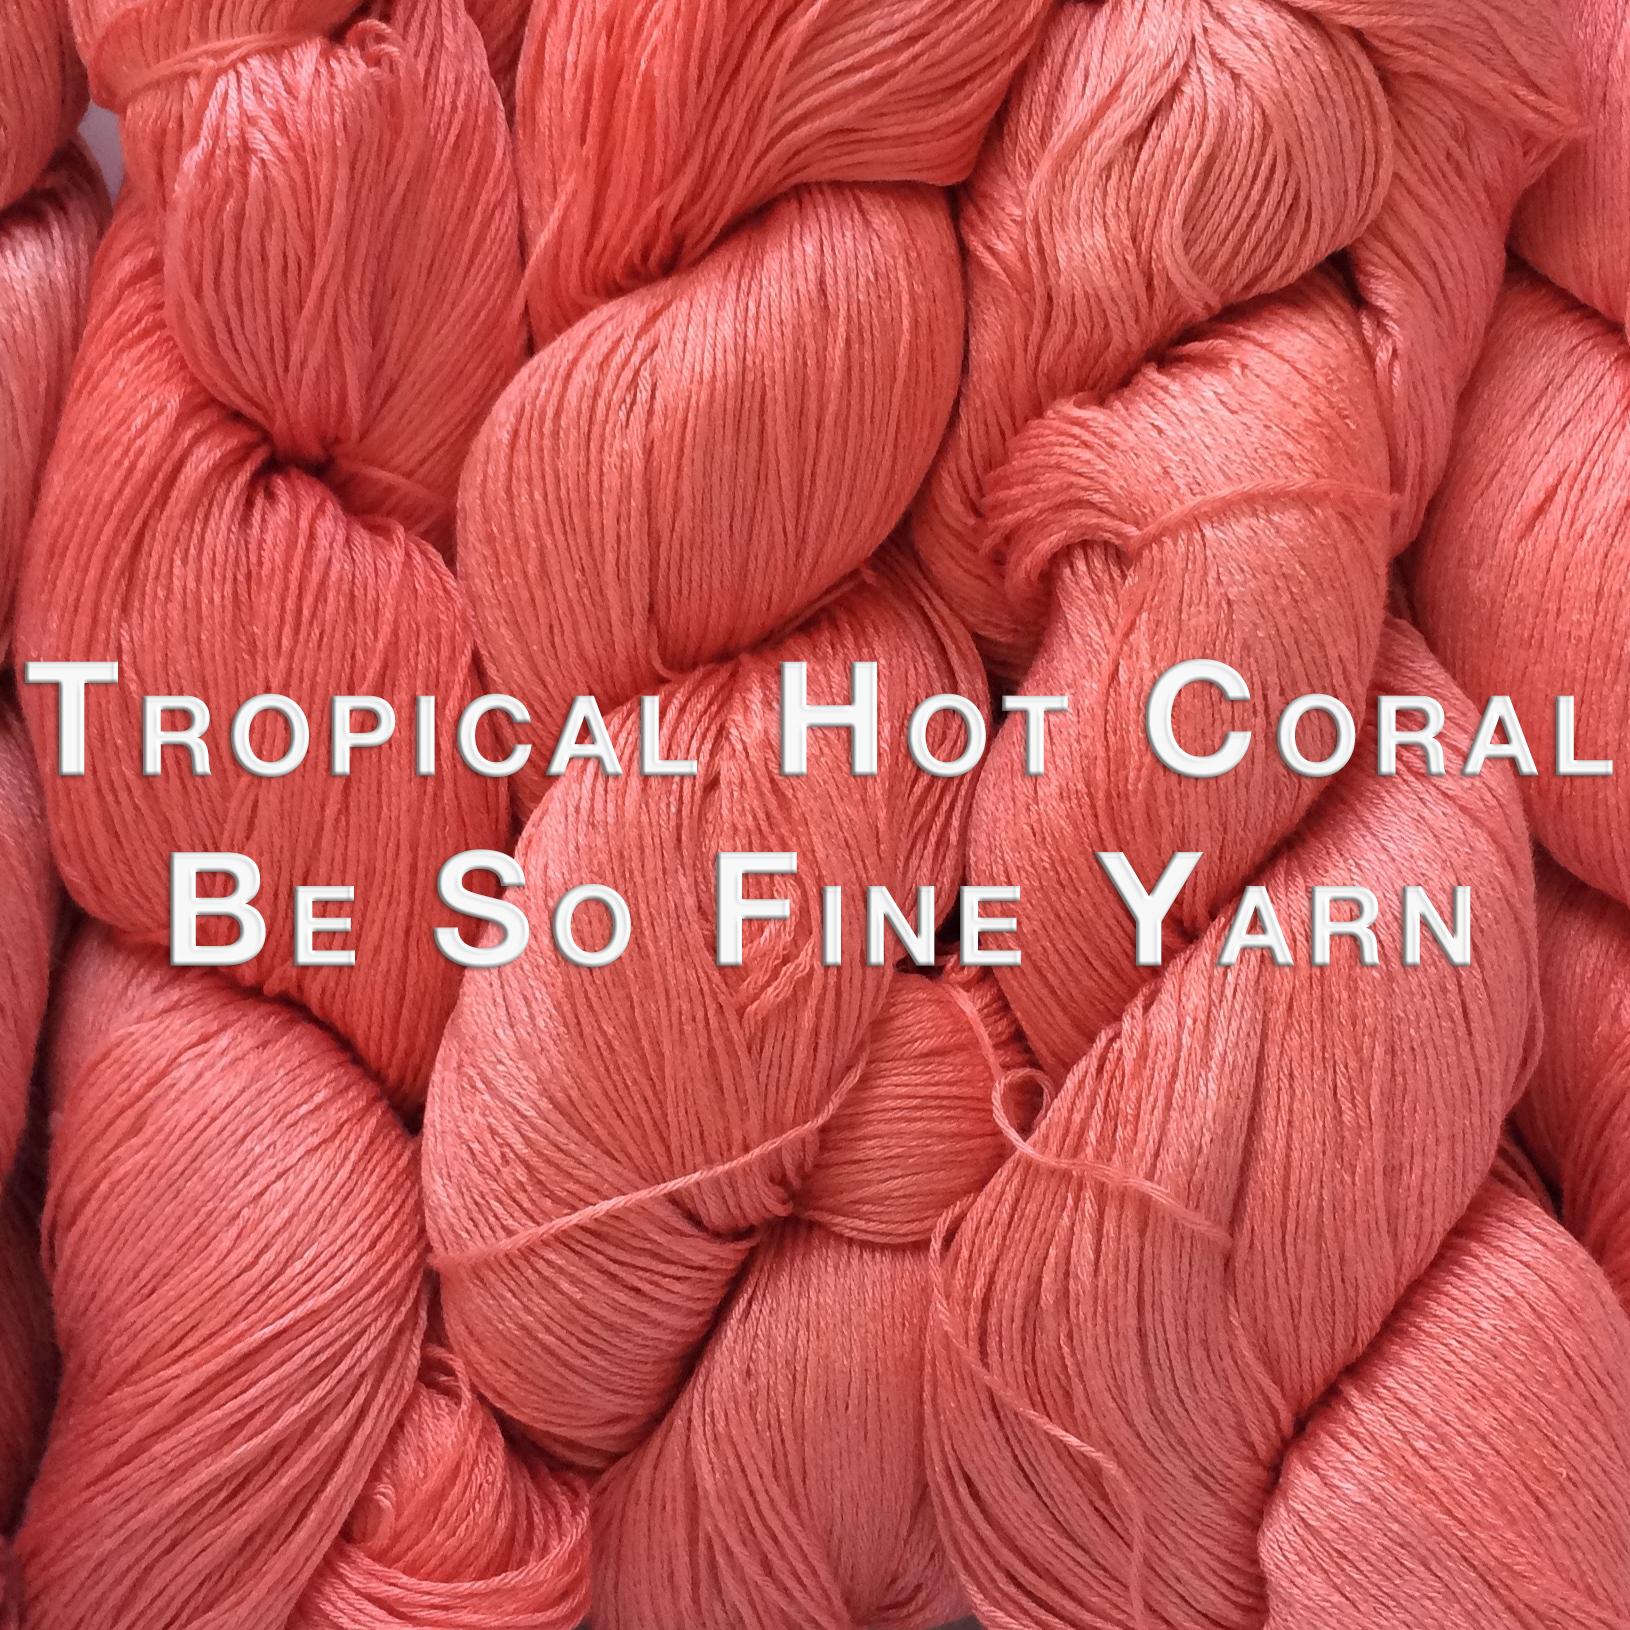 BSF Tropical Hot Coral.jpg